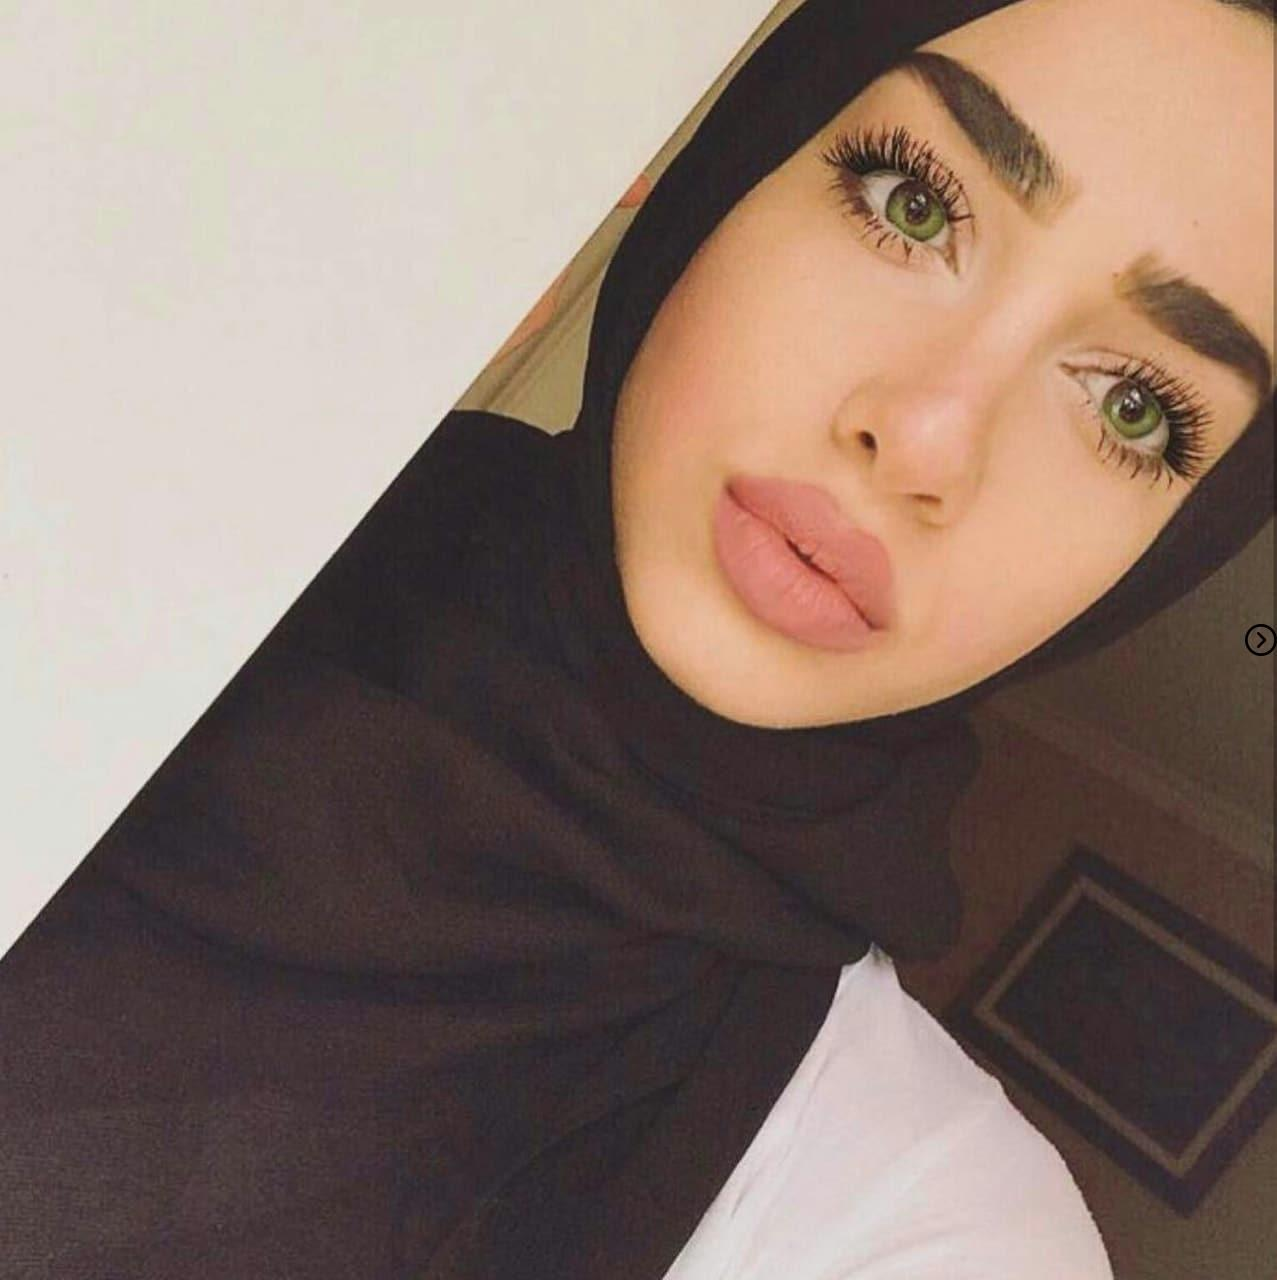 Pretty iraqi woman